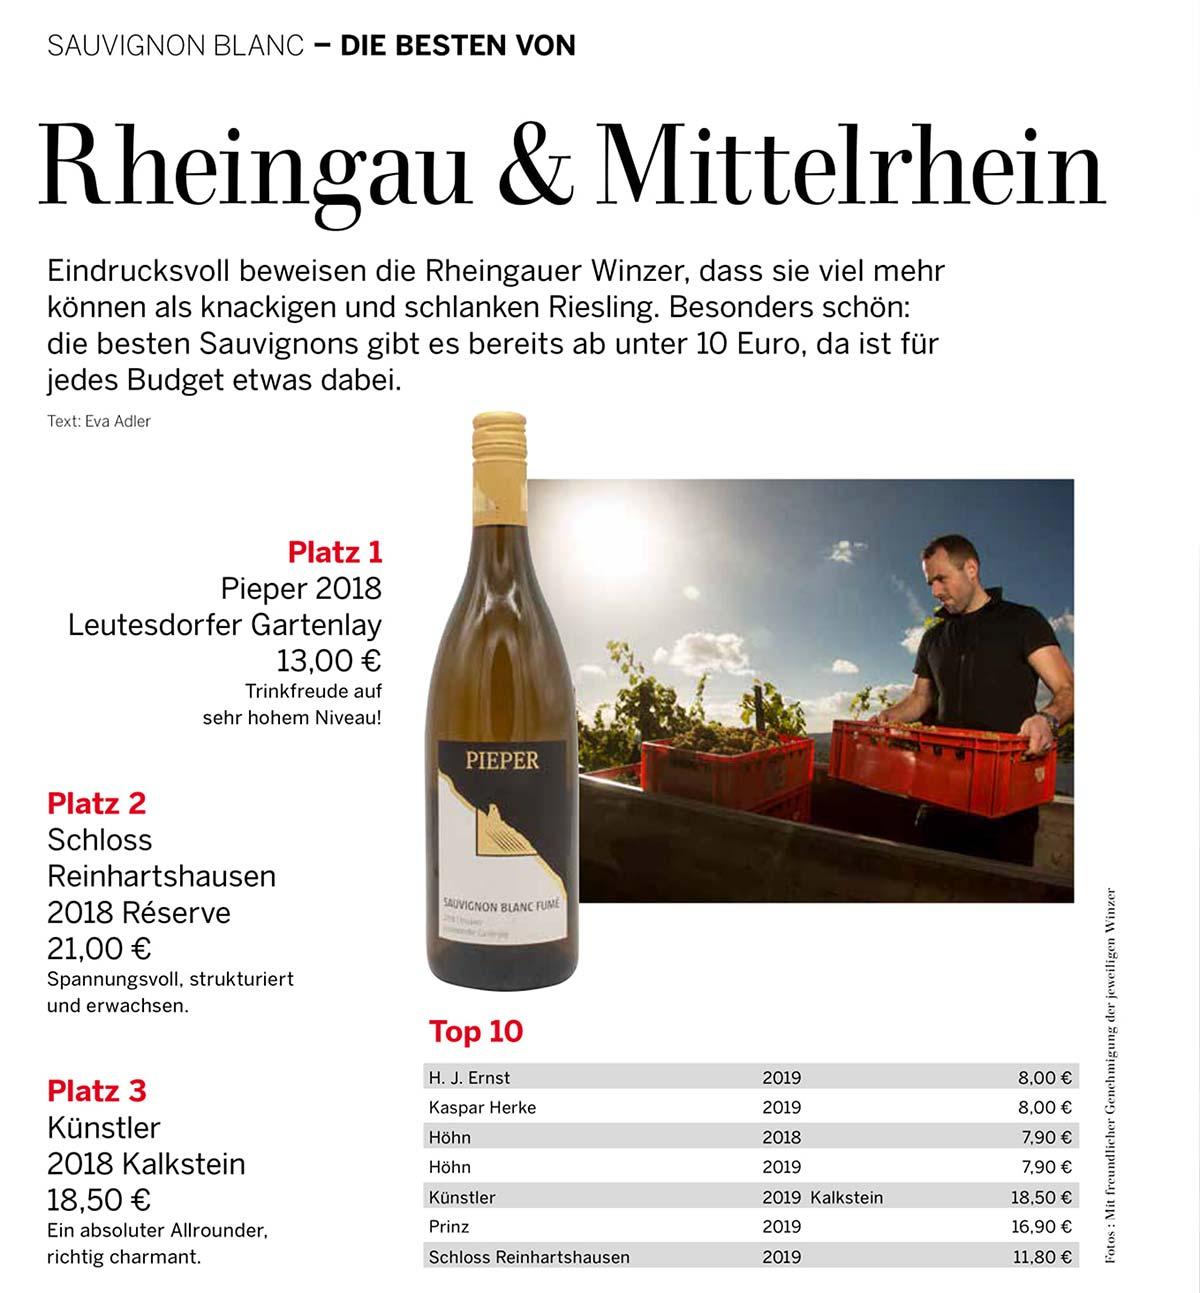 Weingut Pieper Sauvignon Blanc Fumé - erster Platz beim Gault Millau Sauvignon Blanc Tasting 2021